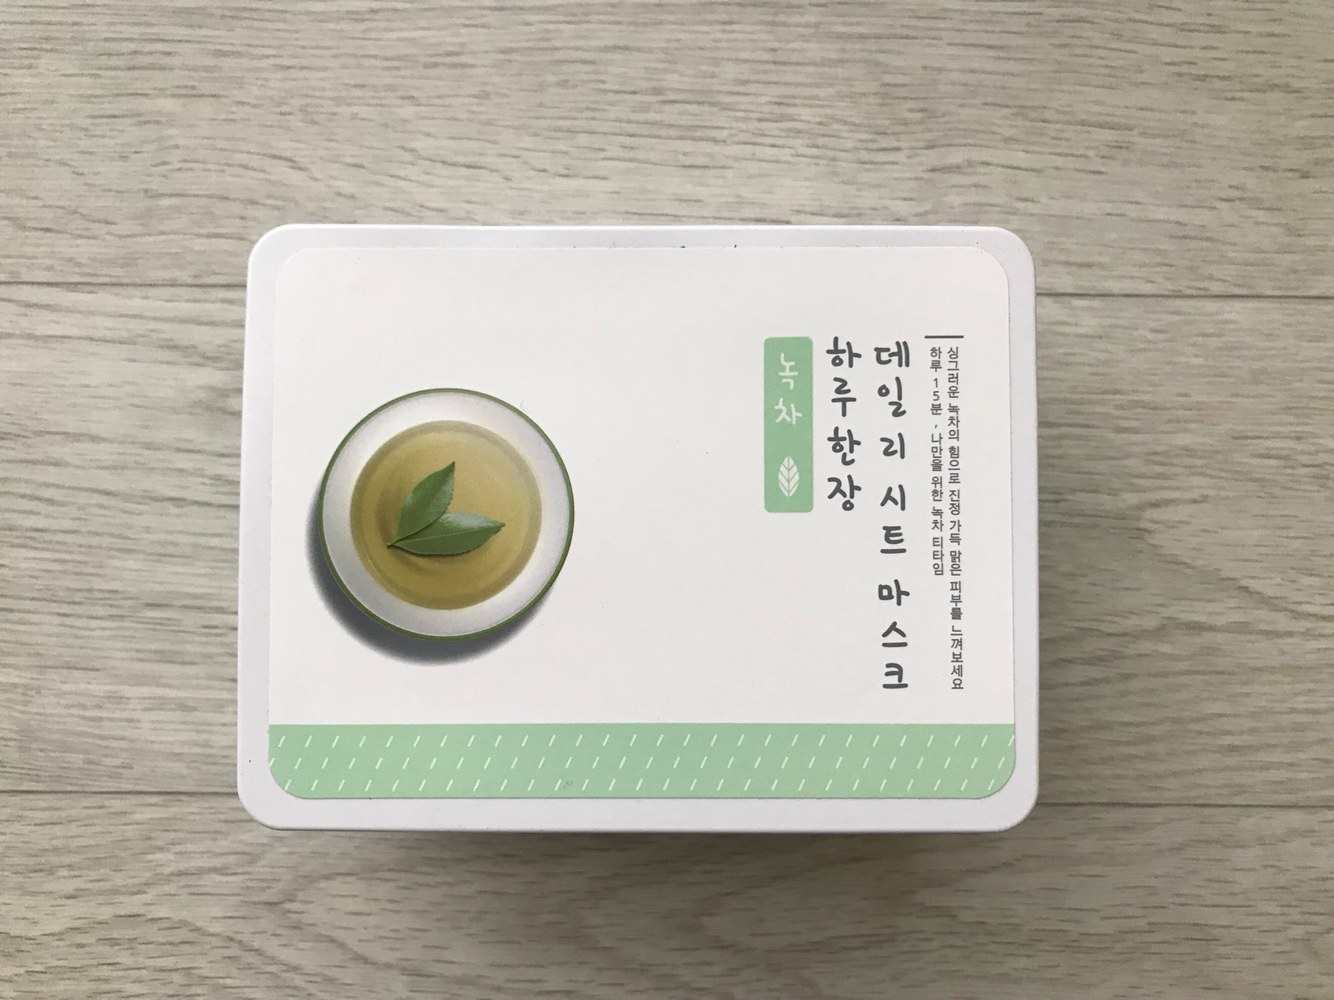 每日保養–【A'PIEU】抽取式每日面膜-綠茶(鎮靜效果)  有的人可能無論有沒有曬太陽,肌膚也常常會呈現紅紅熱熱的狀況,那麼就可以試試這款也是主打鎮靜的綠茶抽取式每日面膜~